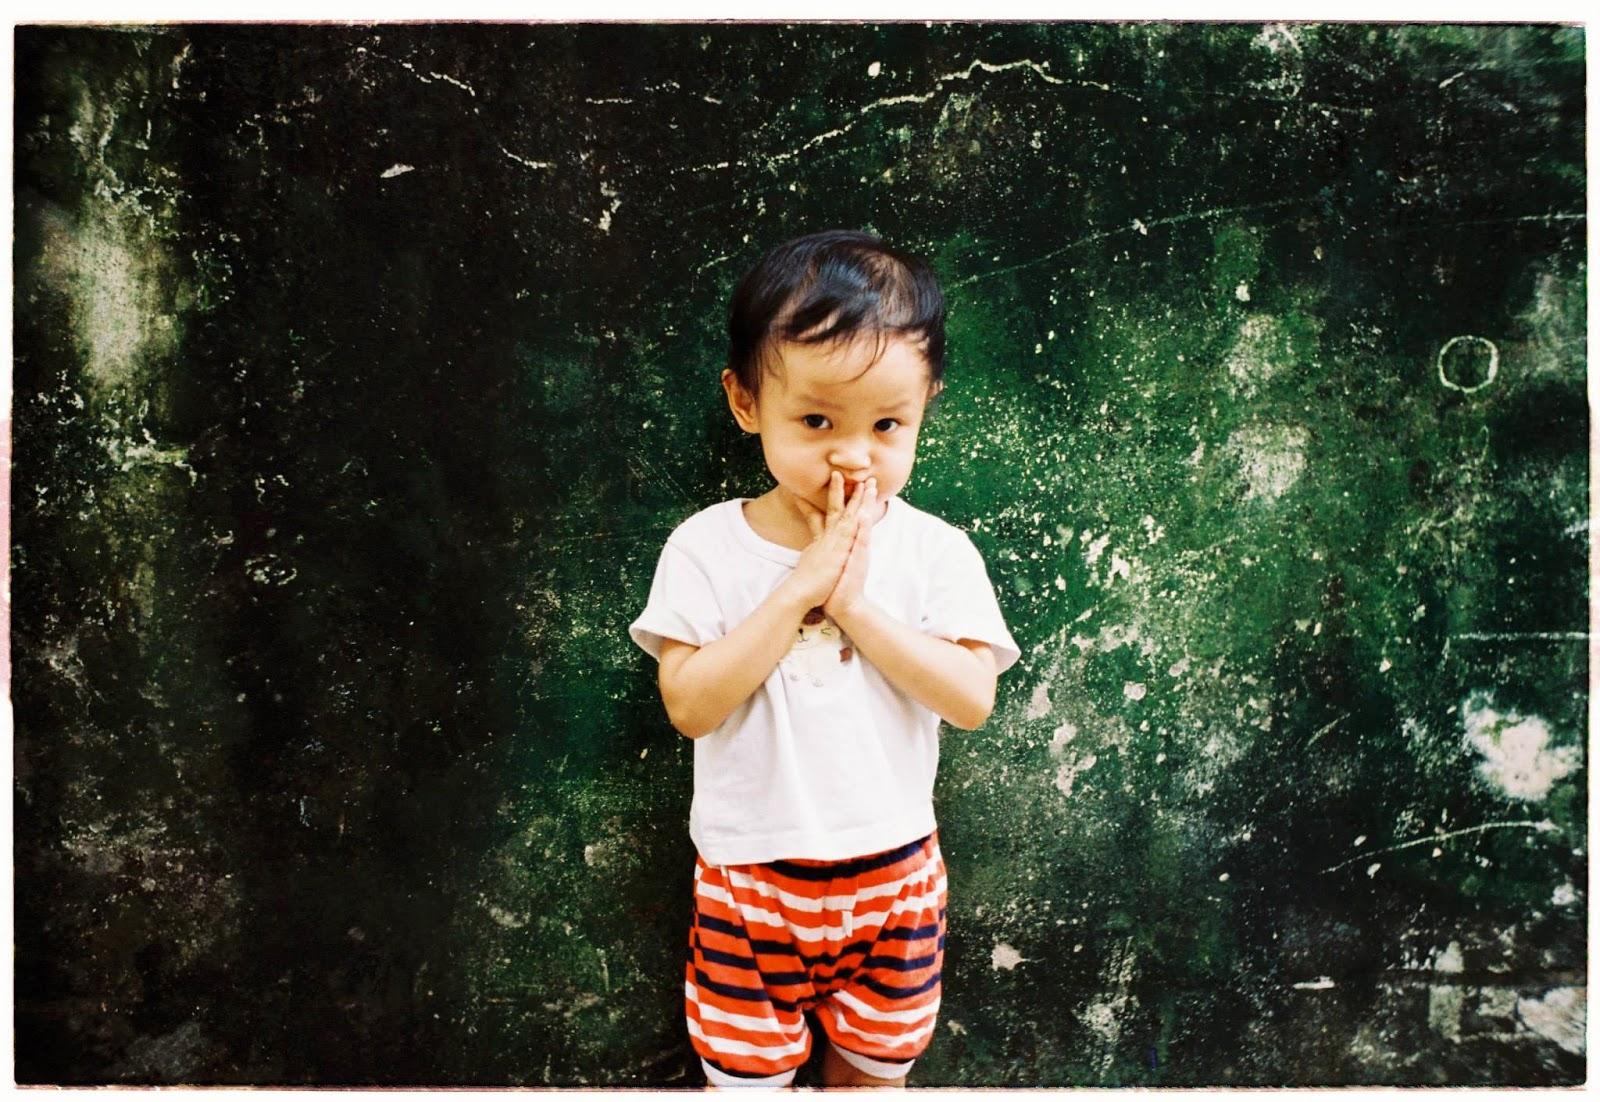 các hiểu nhầm liên quan đến nuôi dạy con ở độ tuổi trước khi đi mẫu giáo